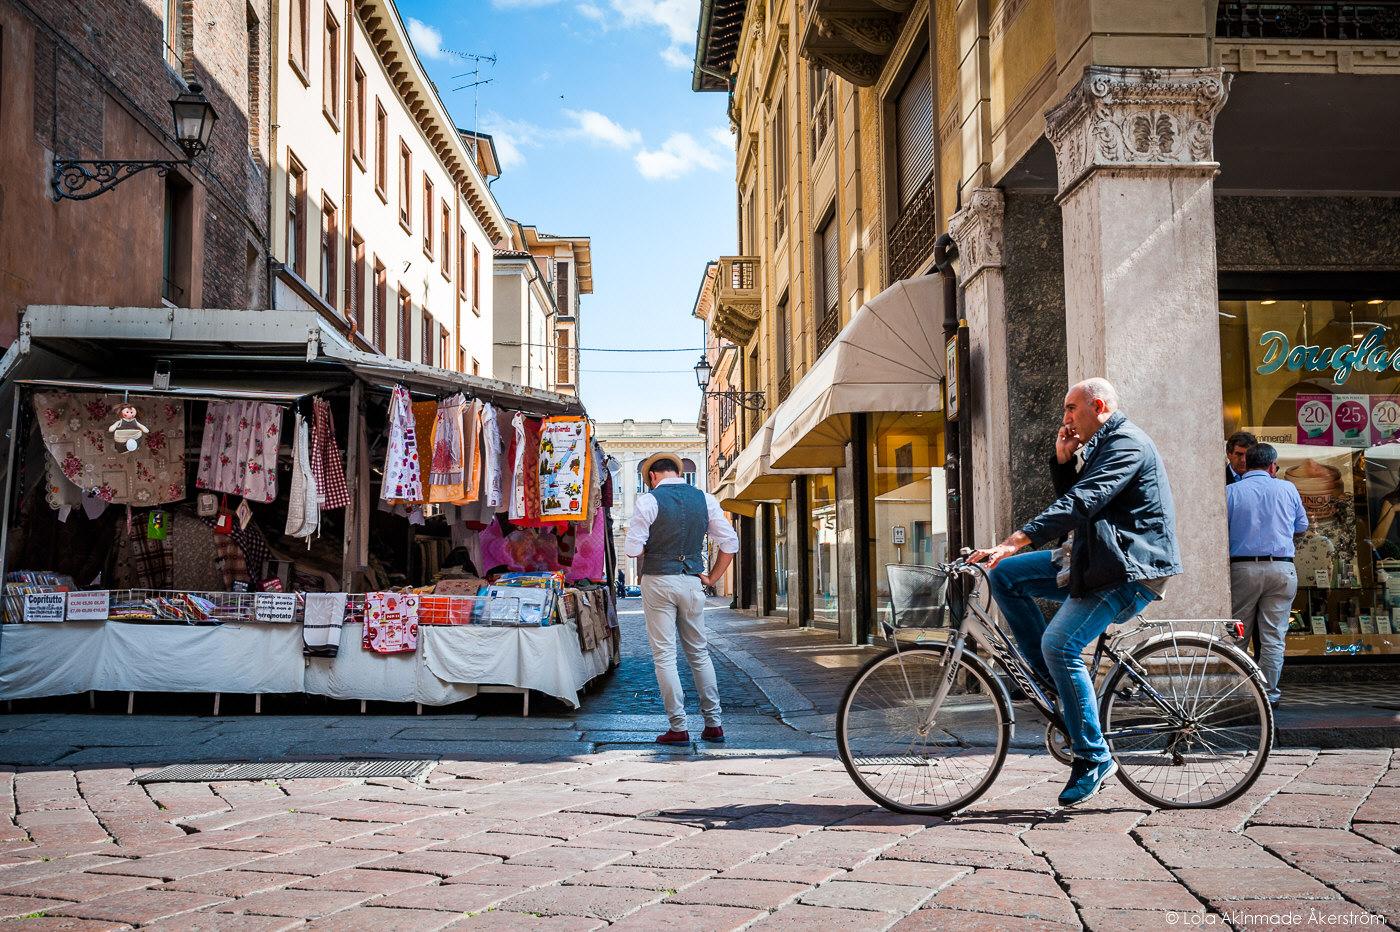 Street photos from Mantua, Italy